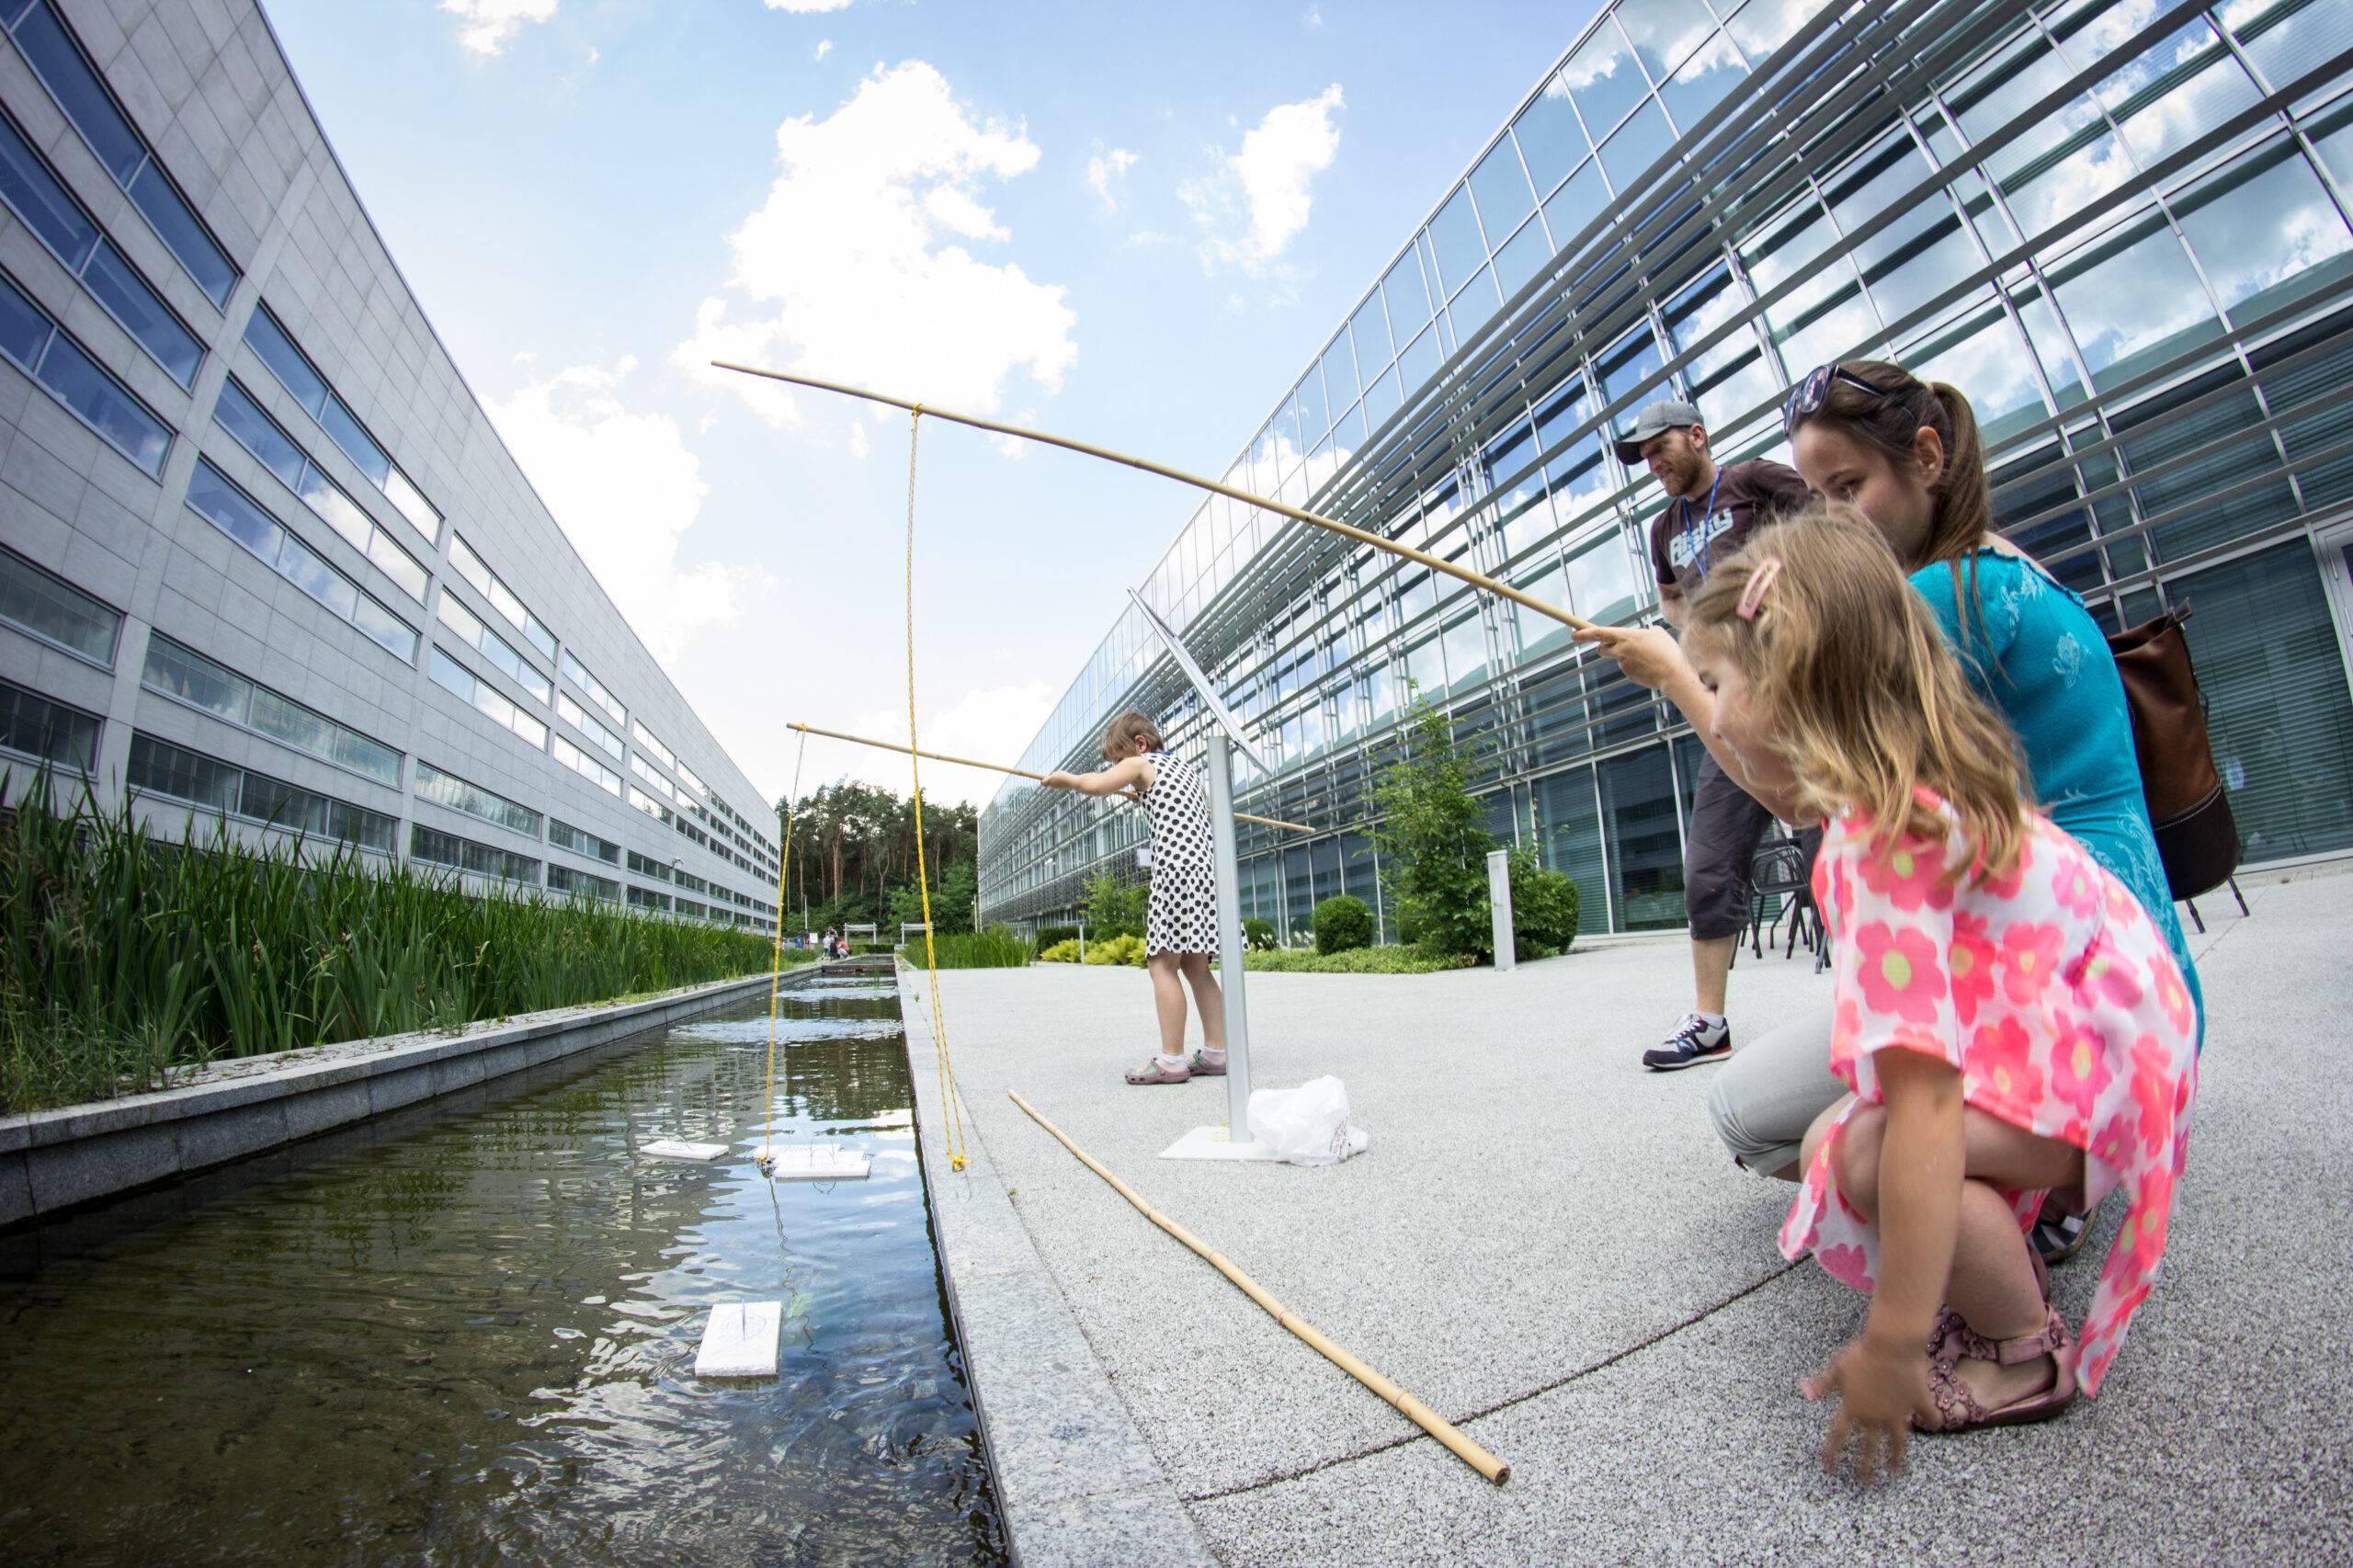 Uniwersytet Dziecięcy - Rodzinna współpraca podczas wykonywania zadania